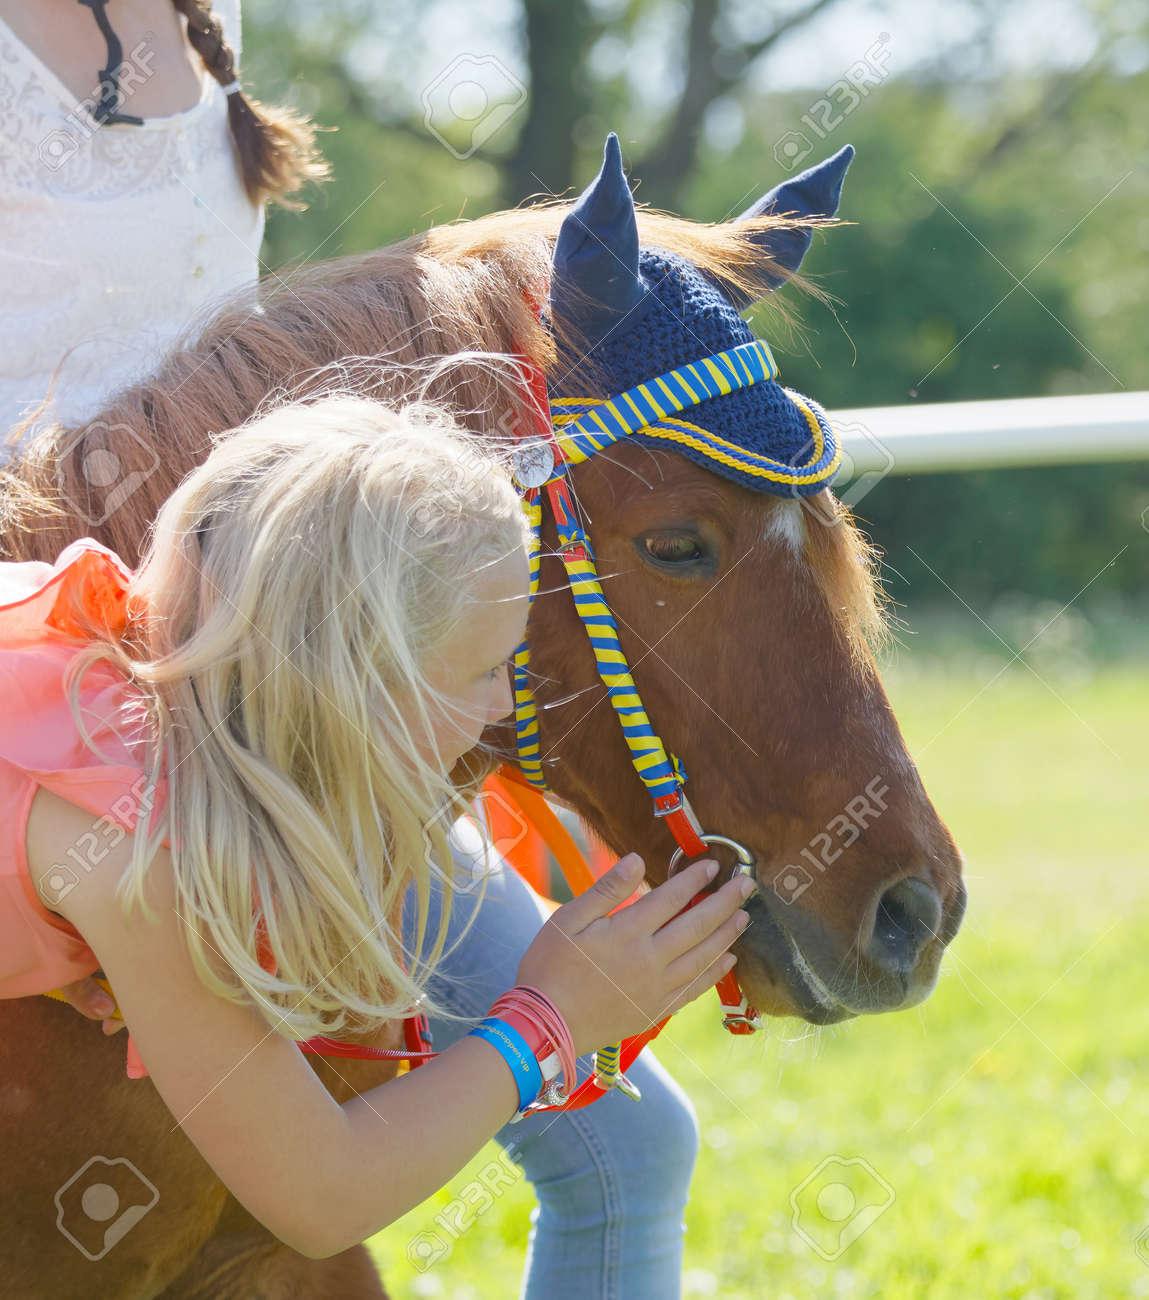 ストックホルムスウェーデン 2017 年 6 月 6 日 若い女の子は Gardet で Nationaldags Galoppen でマッフルのかわいいポニー ギャロップ競走馬をストロークします2017 年 6 月 6 日ストックホルムスウェーデン